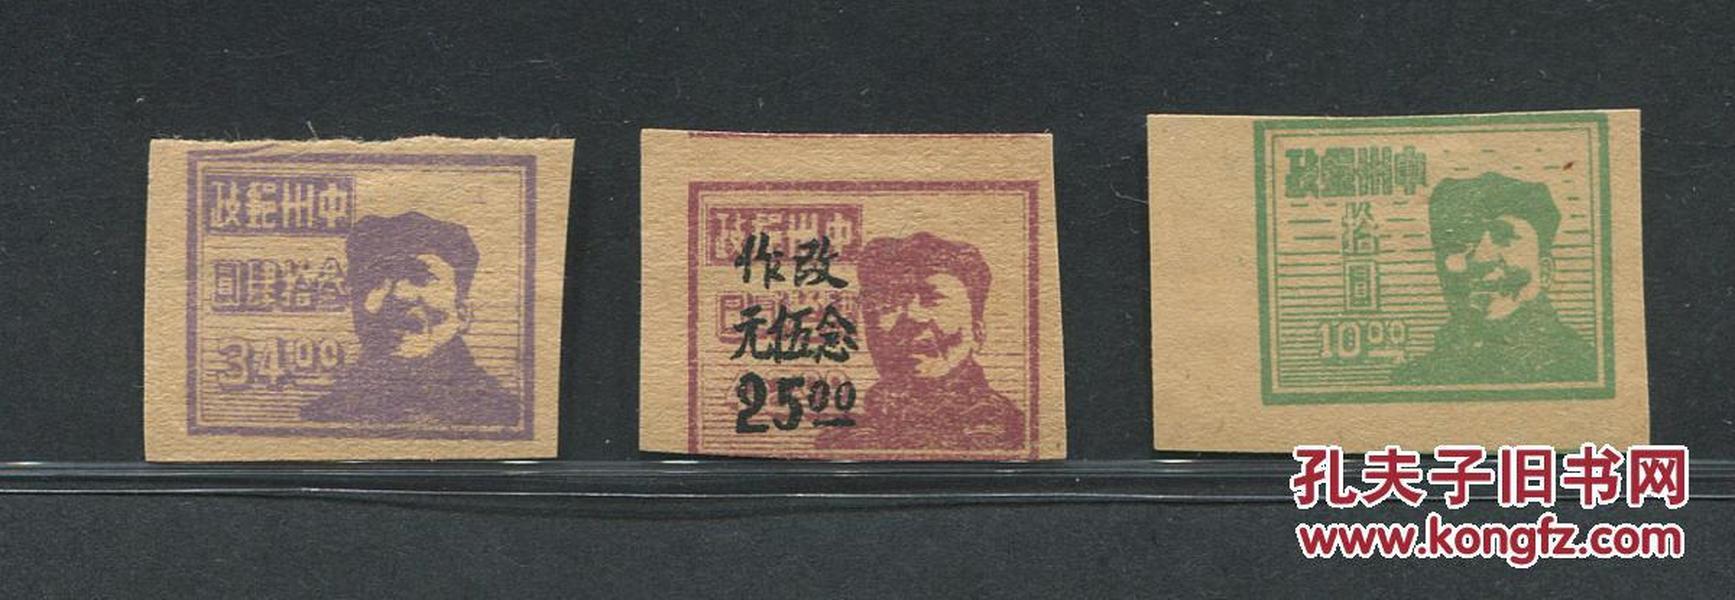 解放区邮票 JZN-2 JZN-5 中州毛像改值3枚 新上品